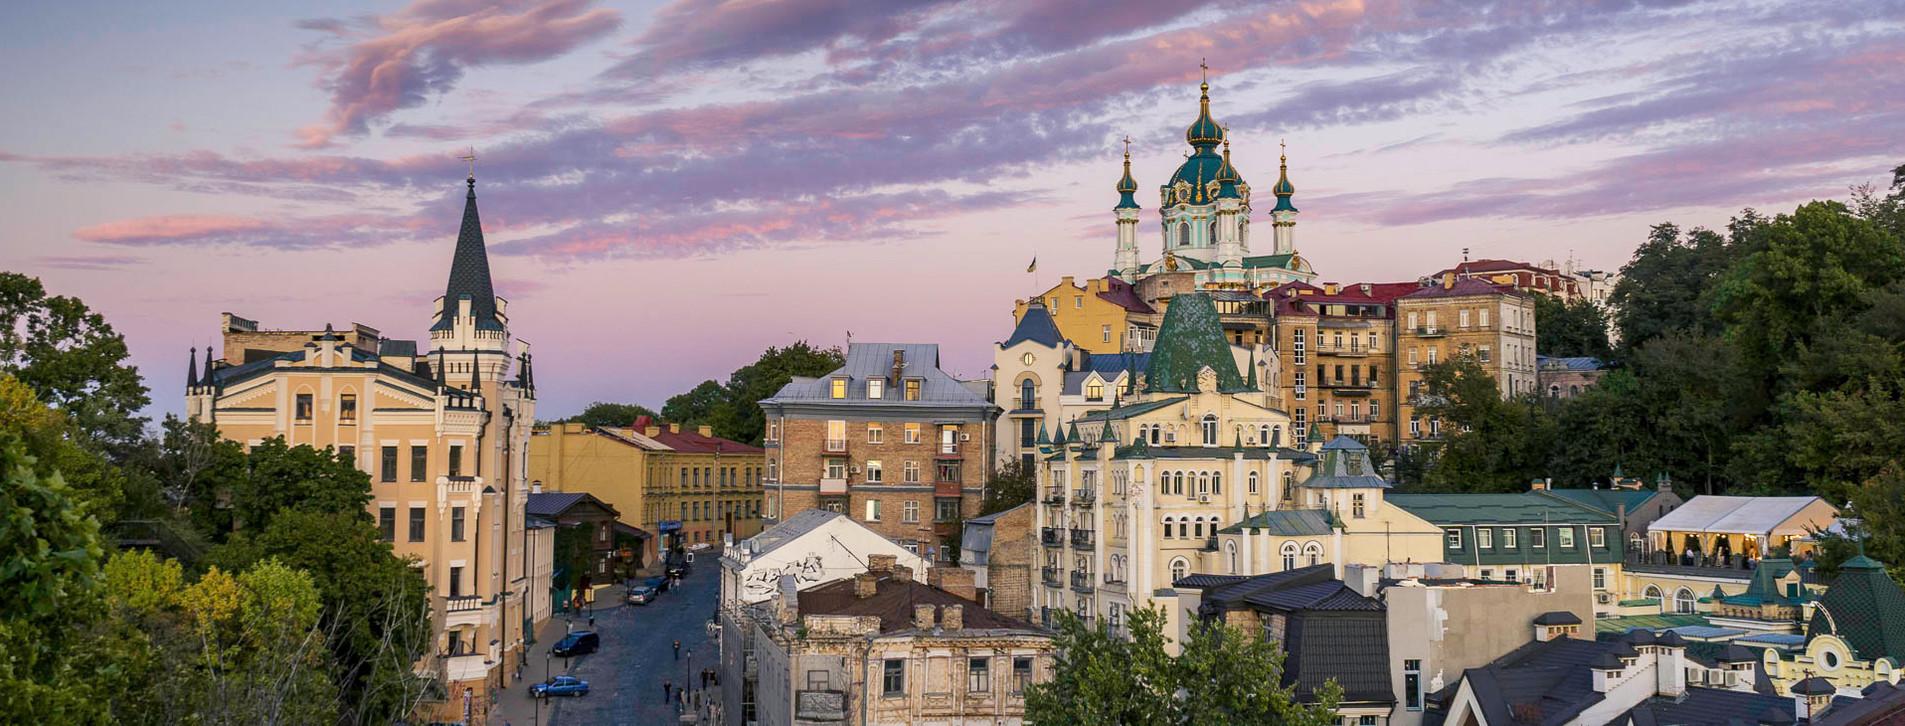 Фото 1 - Экскурсия «Мистика Киева» для двоих